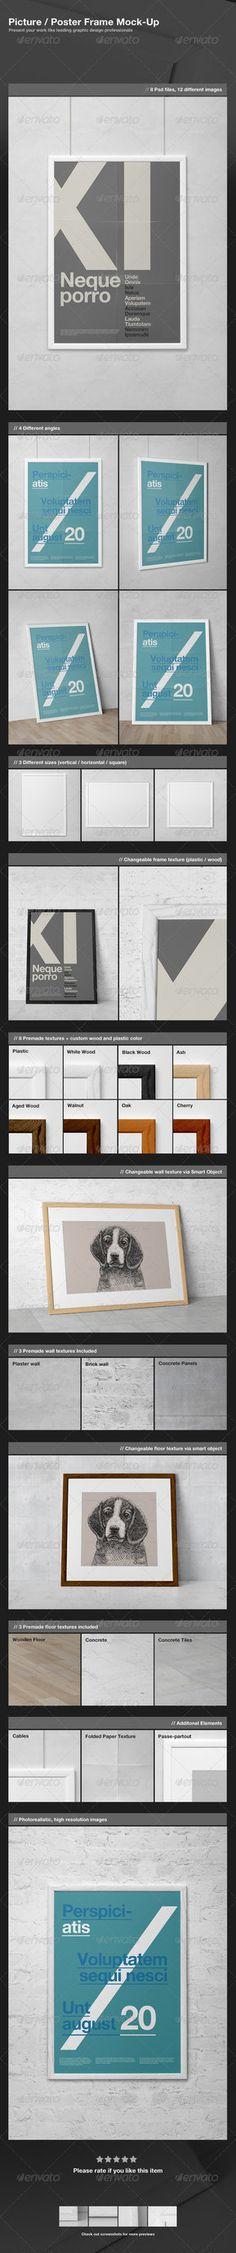 Picture / Poster Frame Mock-Up by GraphicAssets.deviantart.com on @DeviantArt